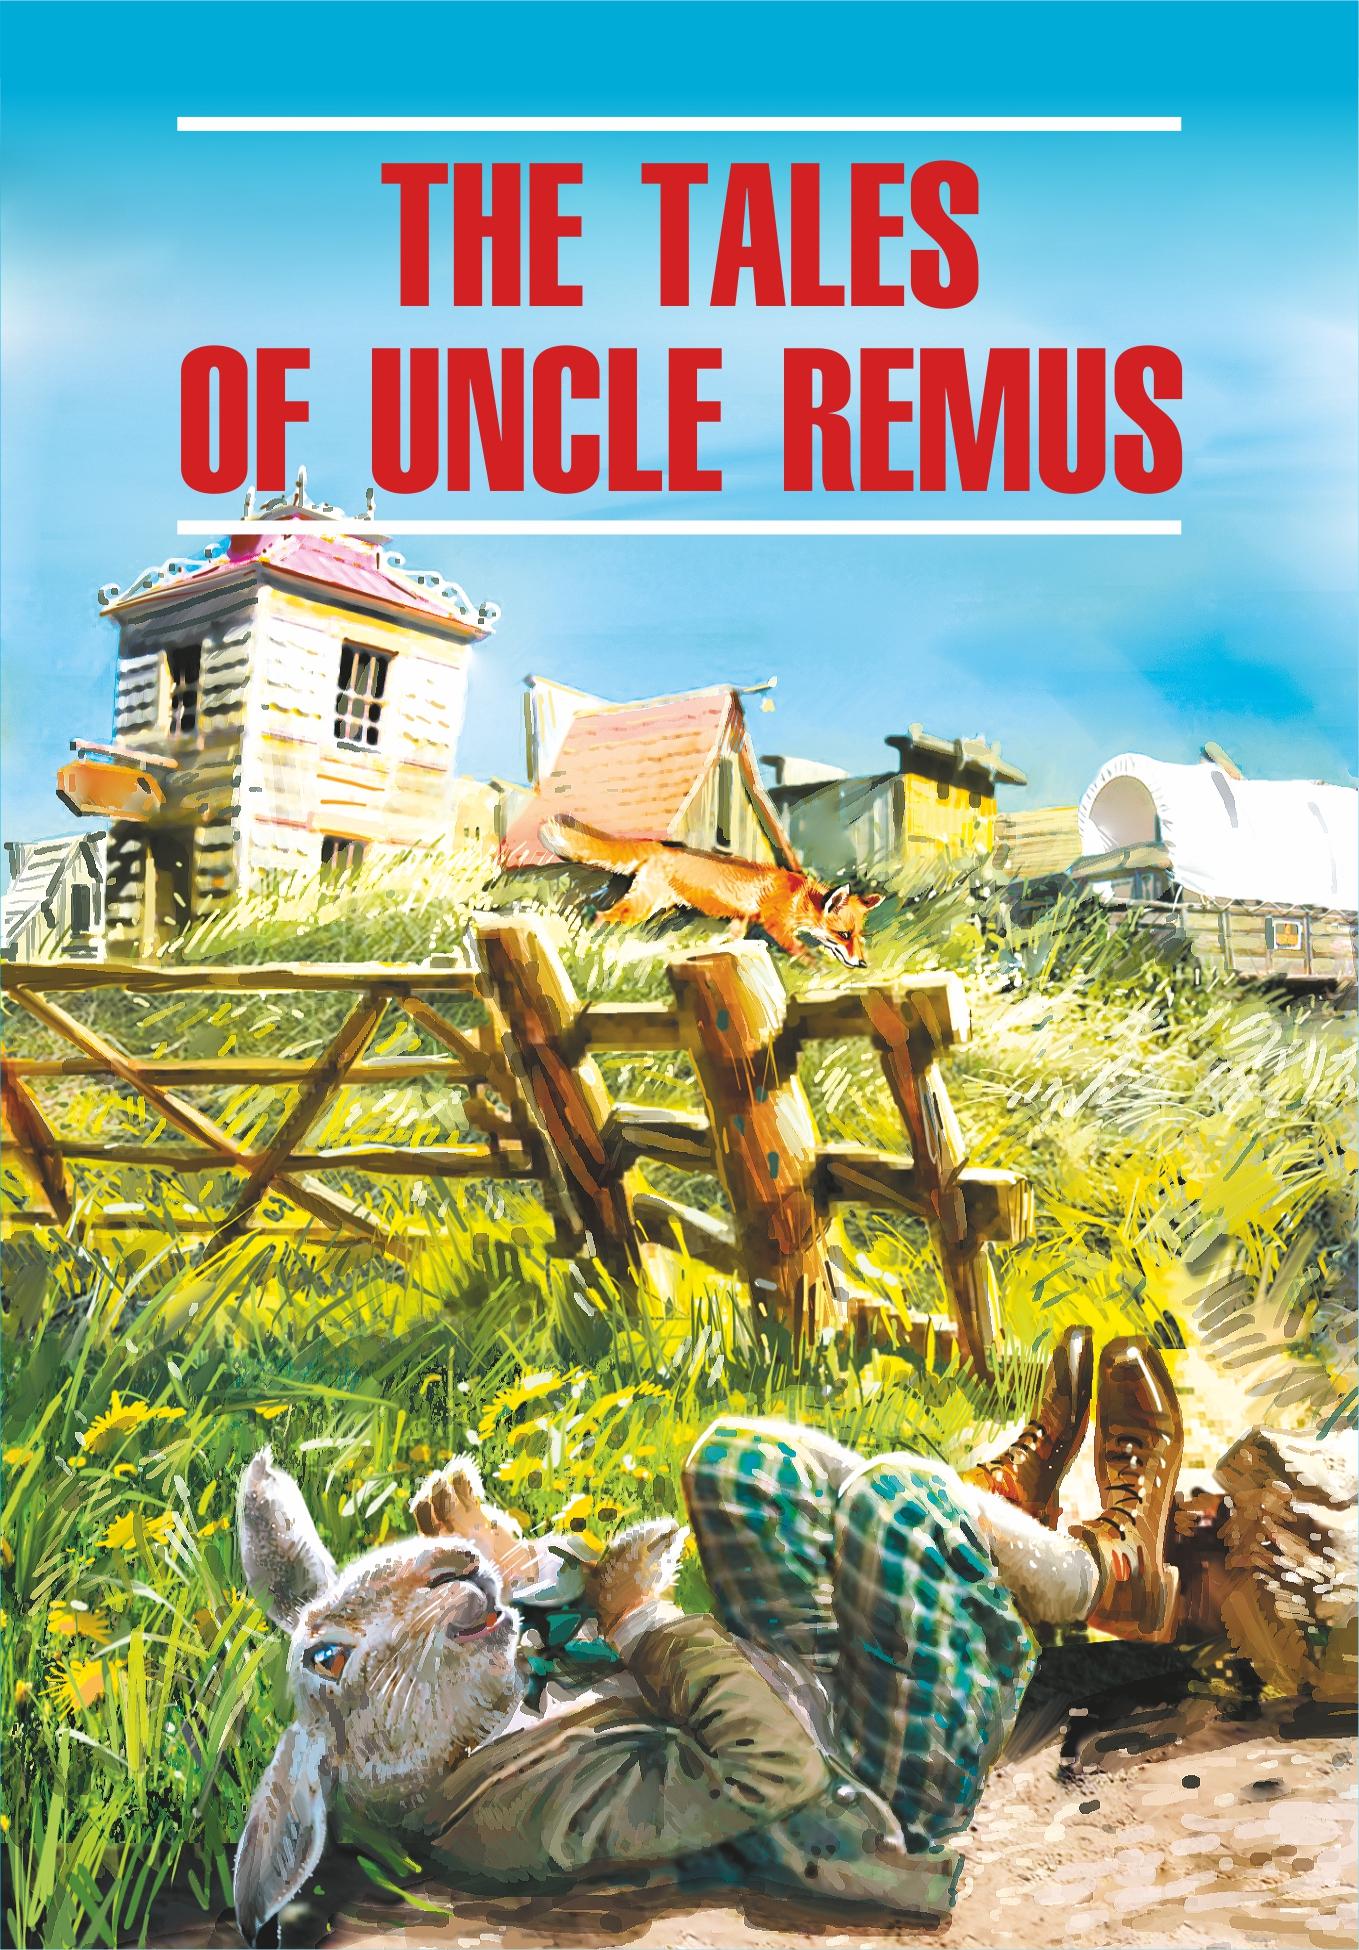 Джоэль Чендлер Харрис The Tales of Uncle Remus / Сказки дядюшки Римуса. Книга для чтения на английском языке харрис д сказки дядюшки римуса tales of uncle remus 1 уровень